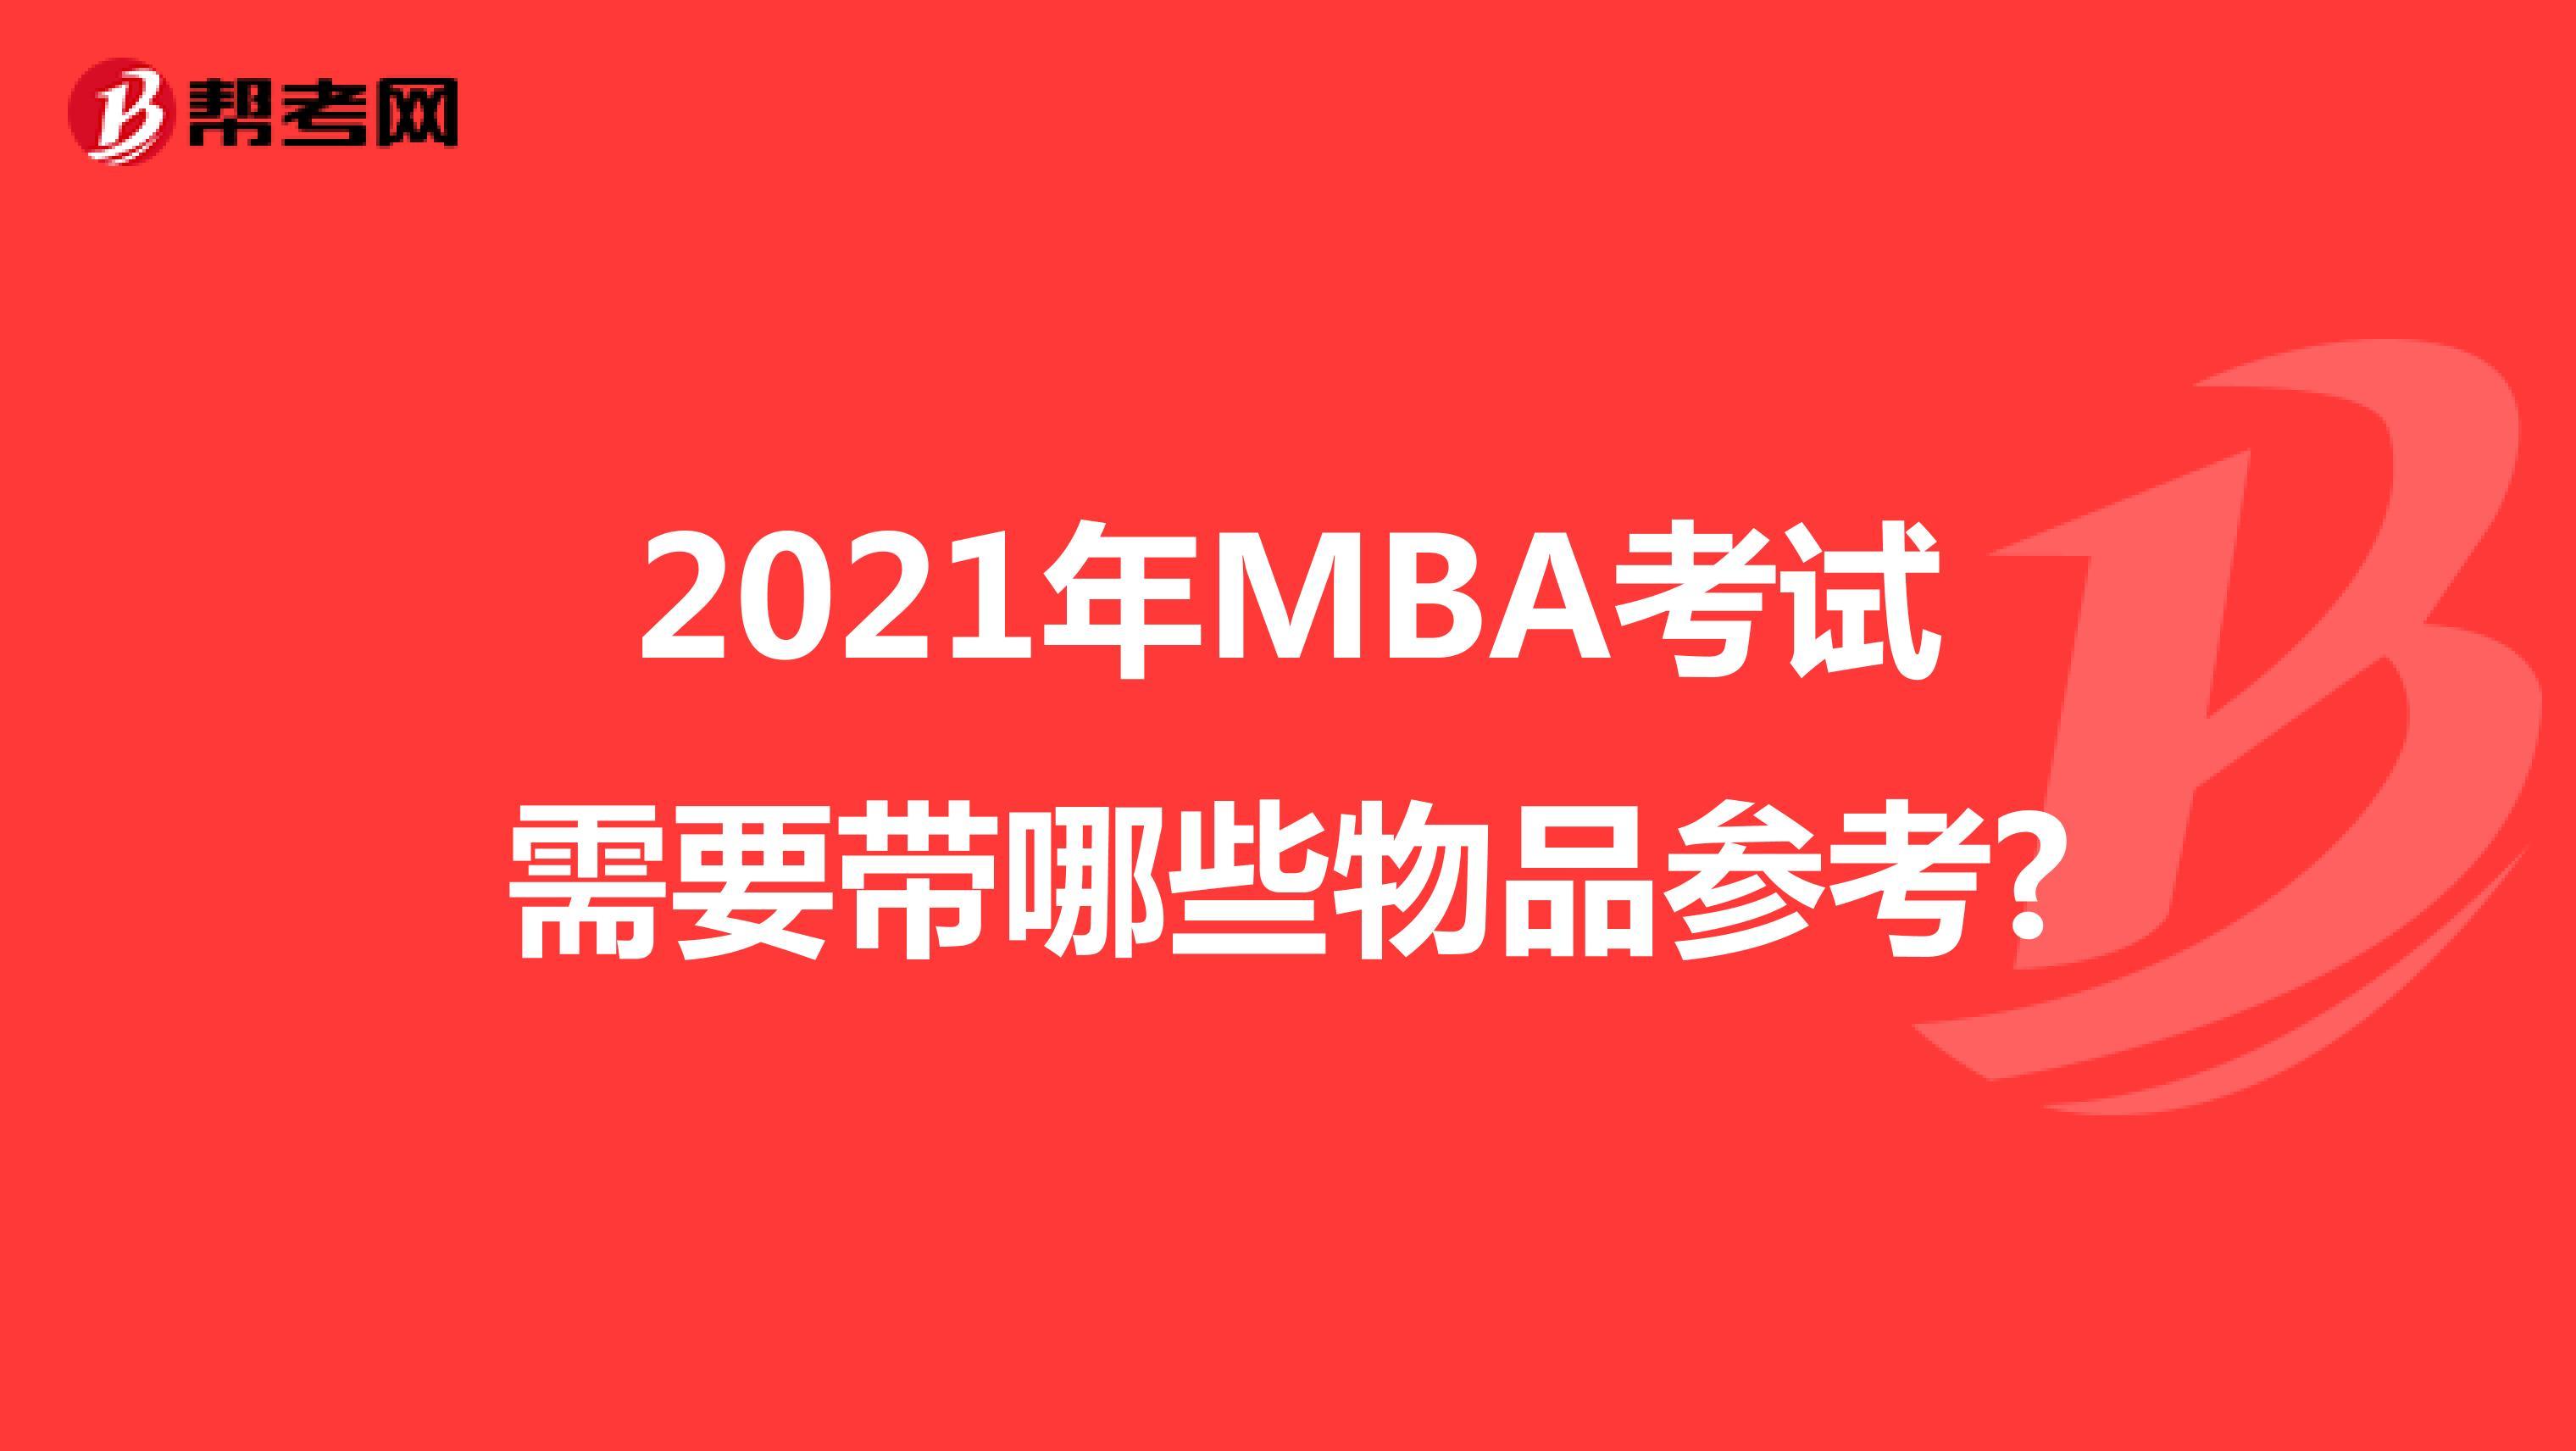 2021年MBA考试需要带哪些物品参考?